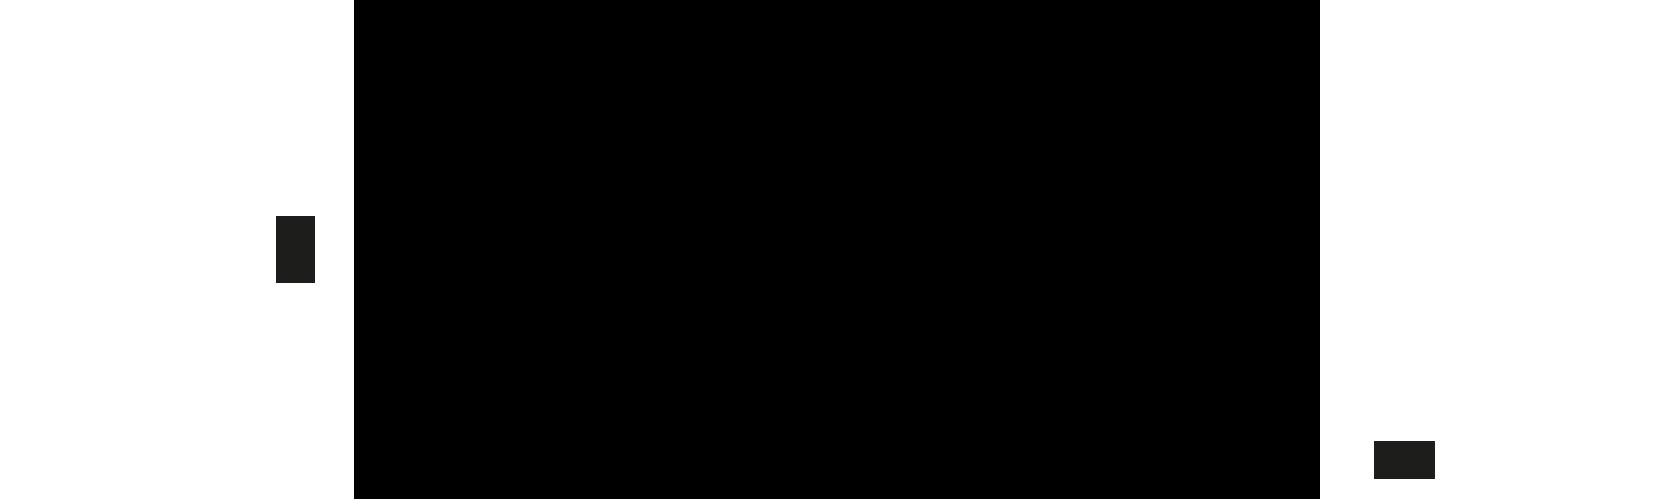 Shure FP Sistemas inalámbricos para entornos broadcast Imagen de la curva de la respuesta en frecuencia